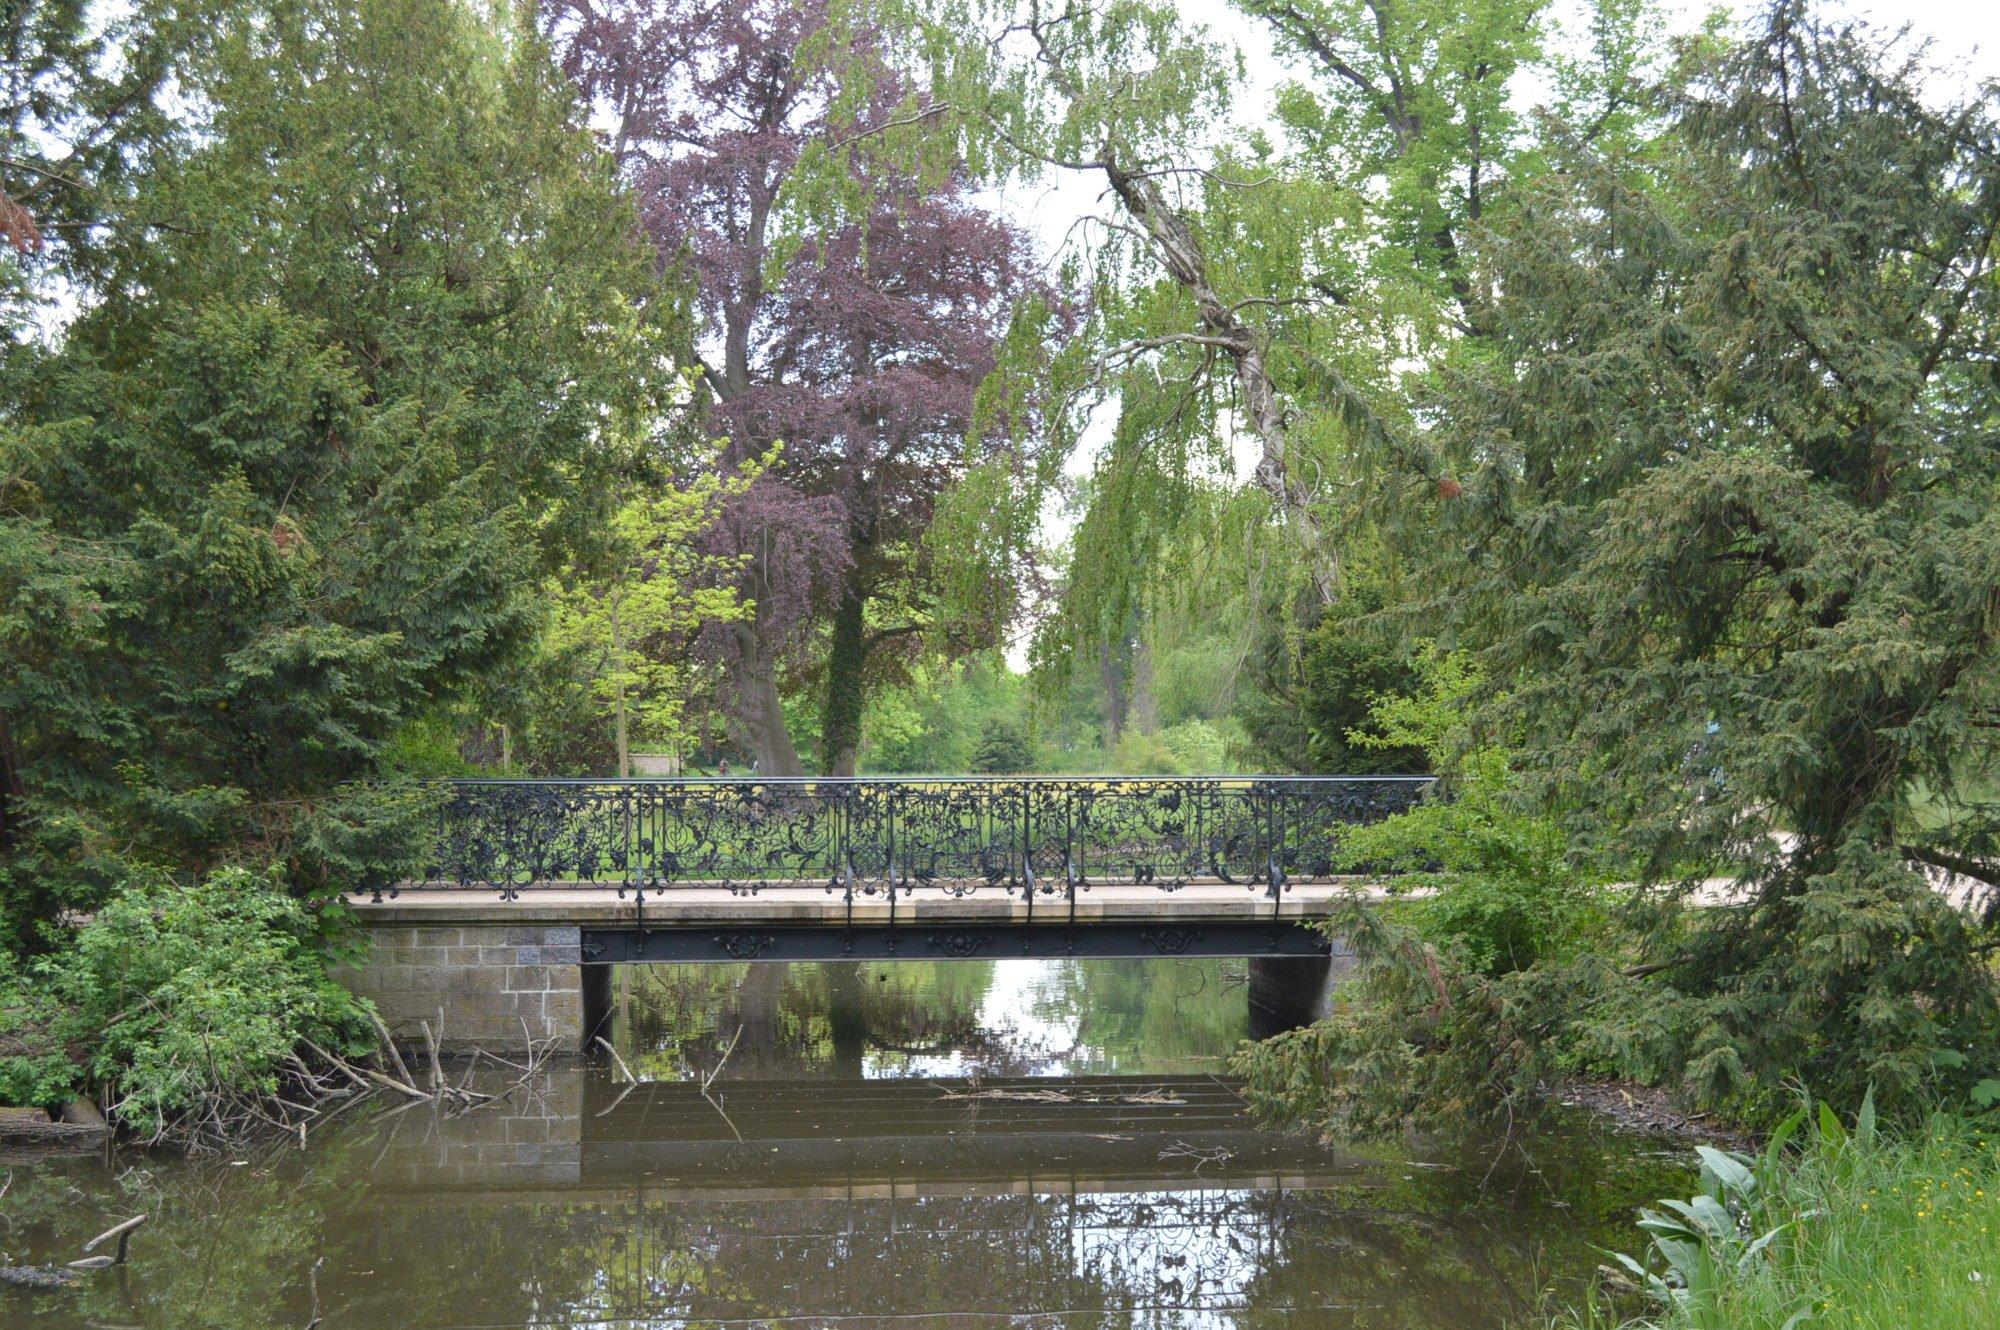 Eine Brücke über ein ruhiges Gewässer. Blühende Bäume und alles reflektiert auf der Wasseroberfläche.